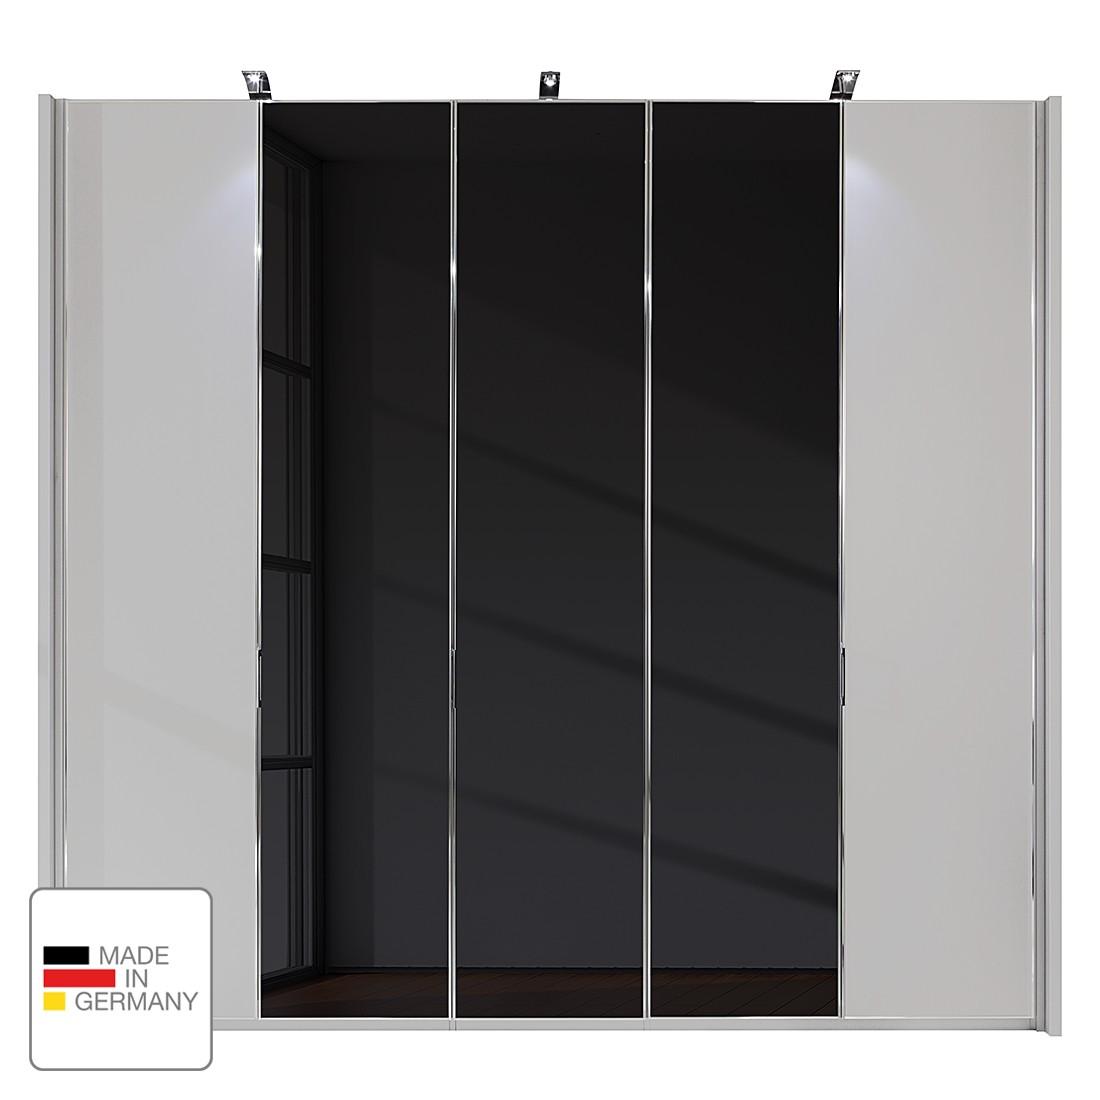 Drehtürenschrank Amsterdam – Silber/Graphit – LED-Beleuchtung – 400 cm (8-türig) – 216 cm – 2 Glastüren, Althoff günstig online kaufen